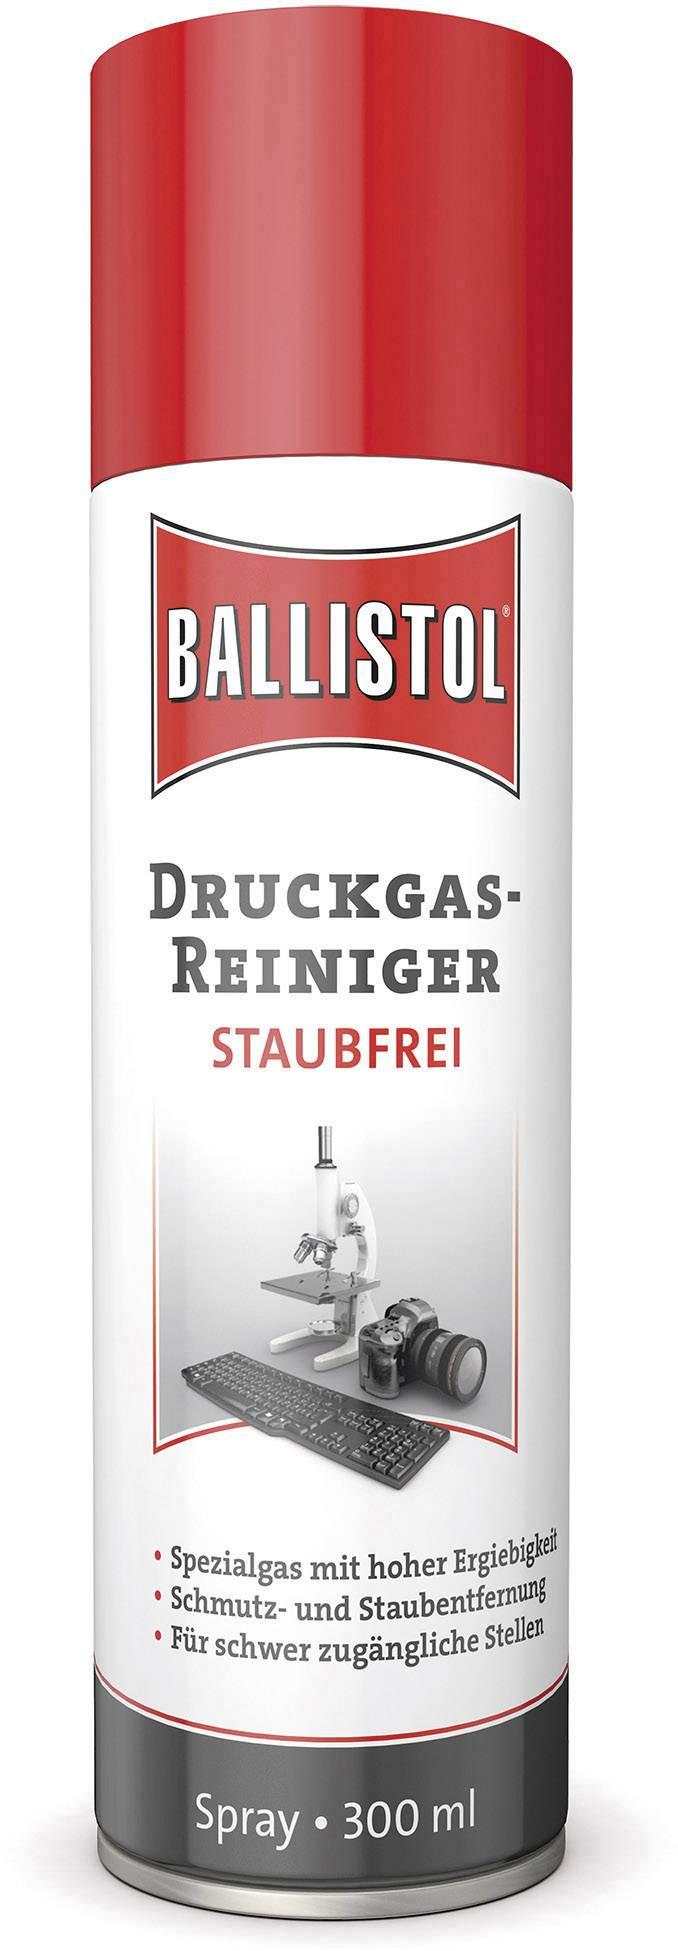 Ballistol STAUBFREI 25287 Druckgasspray brennbar 300 ml